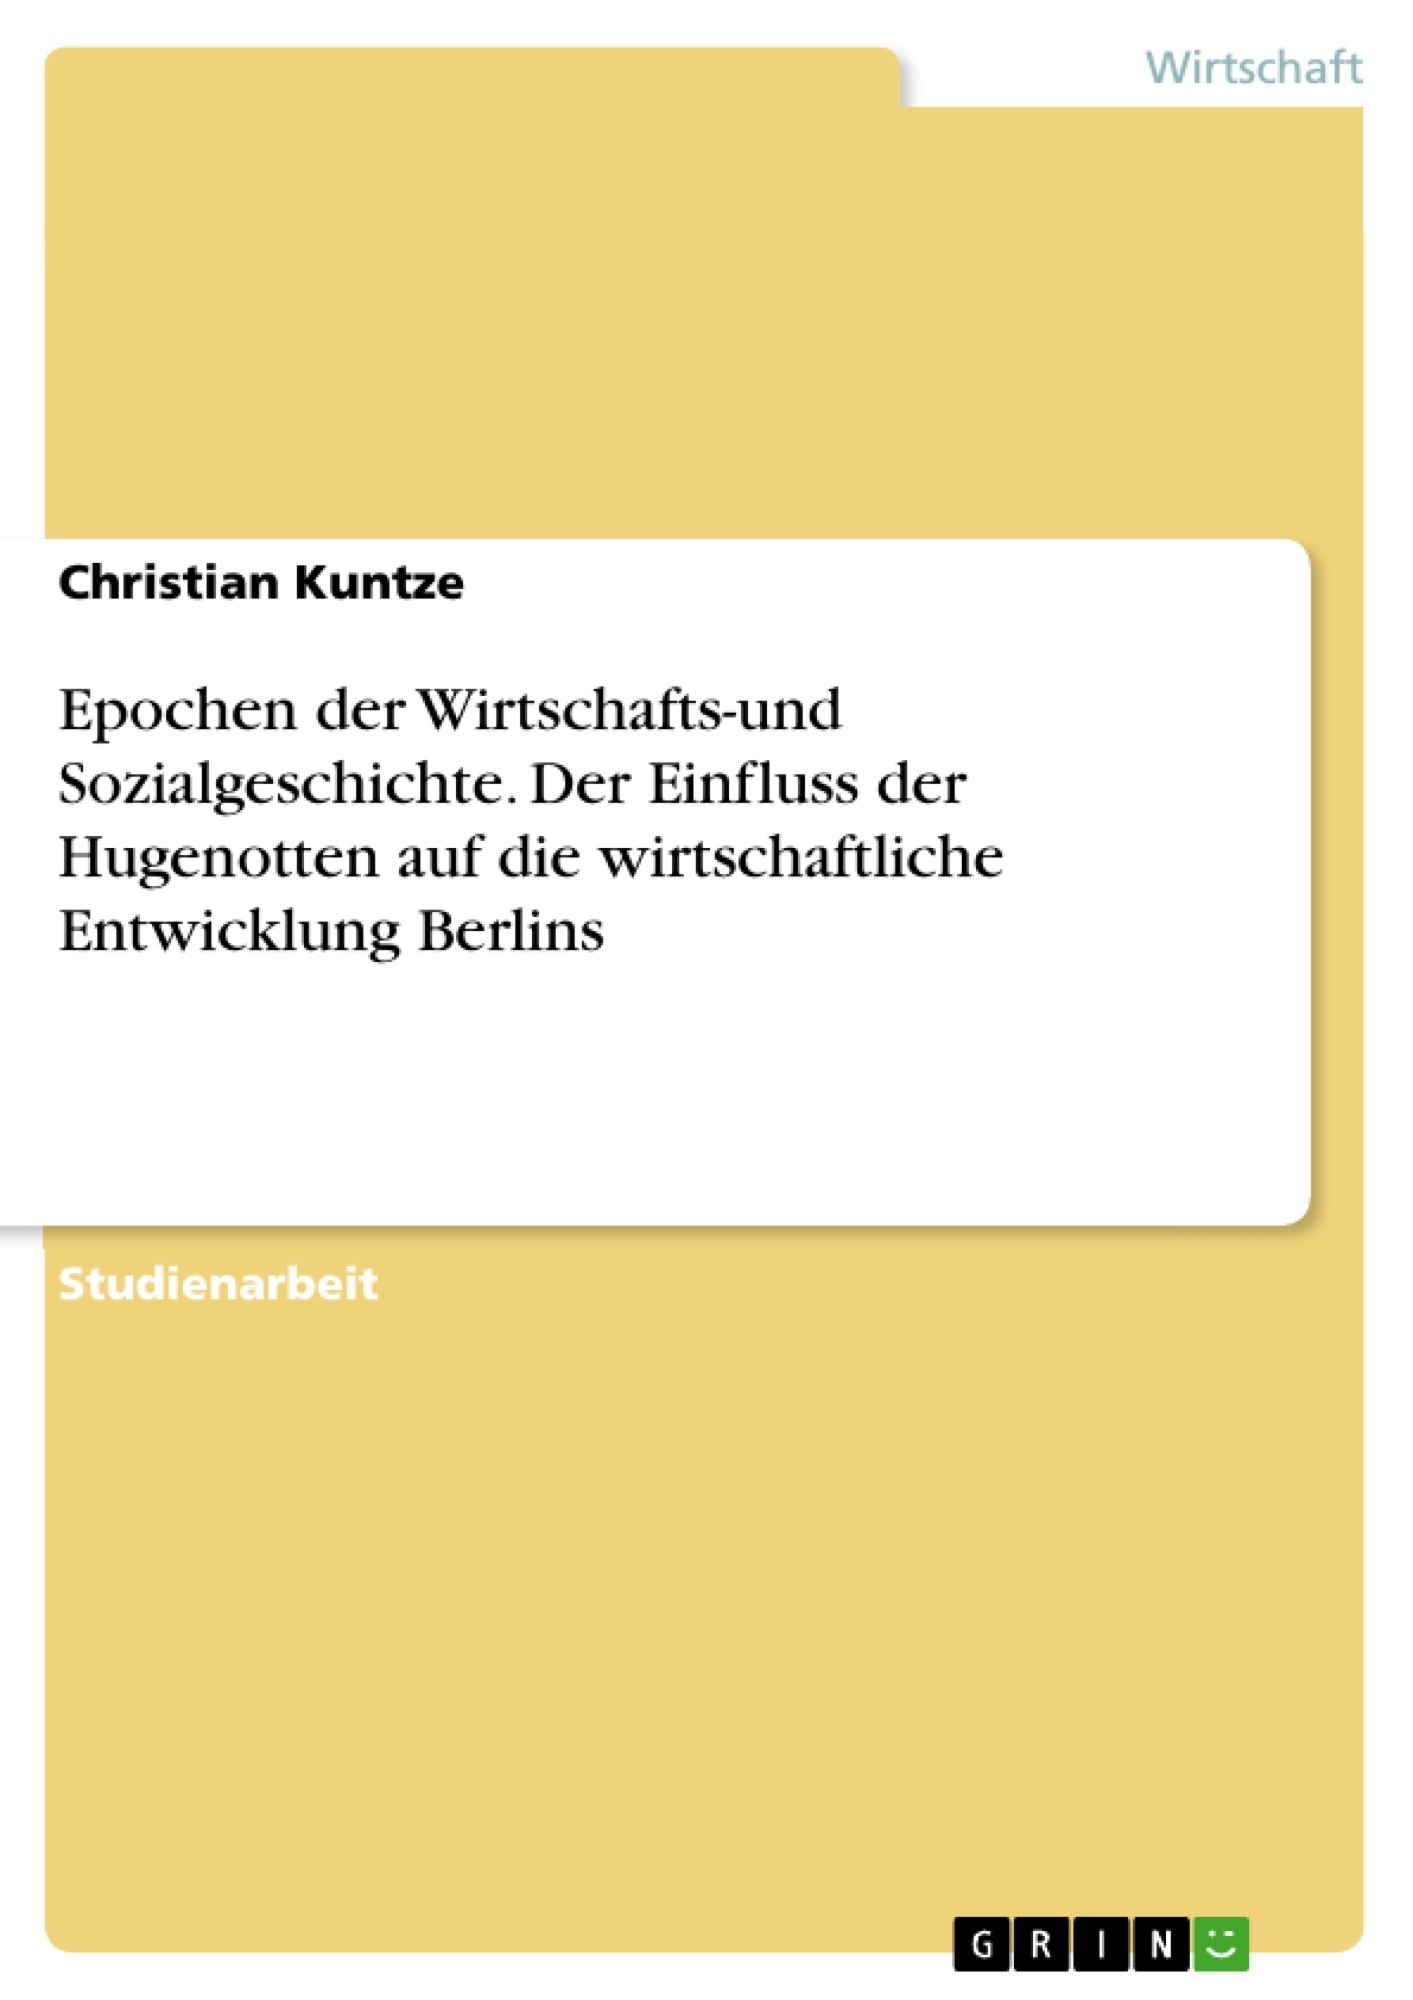 Titel: Epochen der Wirtschafts-und Sozialgeschichte. Der Einfluss der Hugenotten auf die wirtschaftliche Entwicklung Berlins